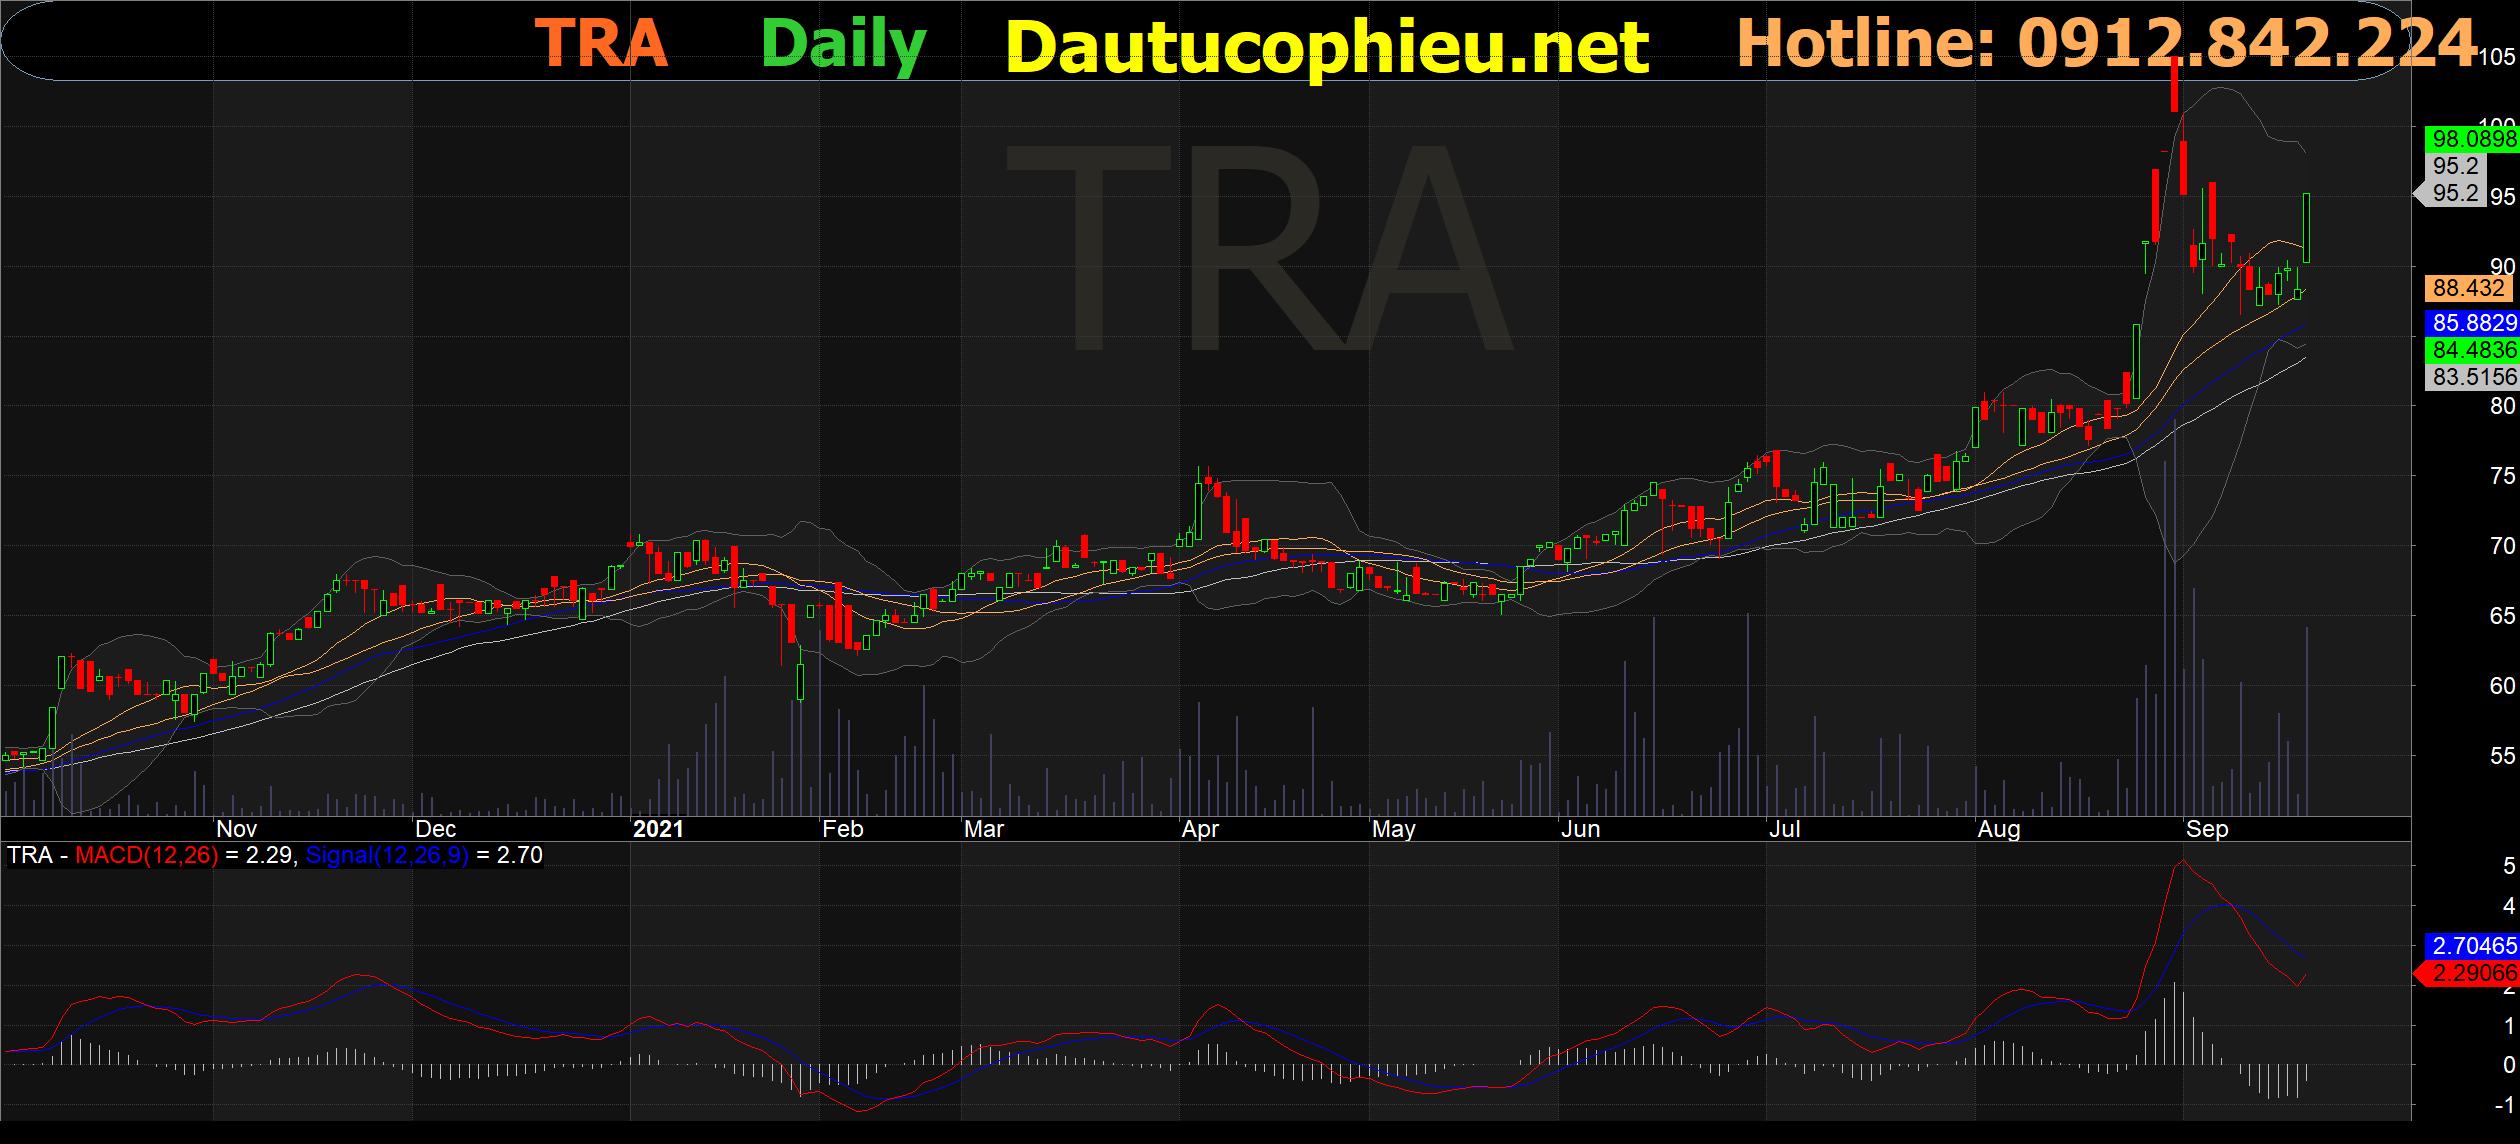 Đồ thị cổ phiếu TRA phiên giao dịch ngày 23/09/2021. Nguồn: AmiBroker